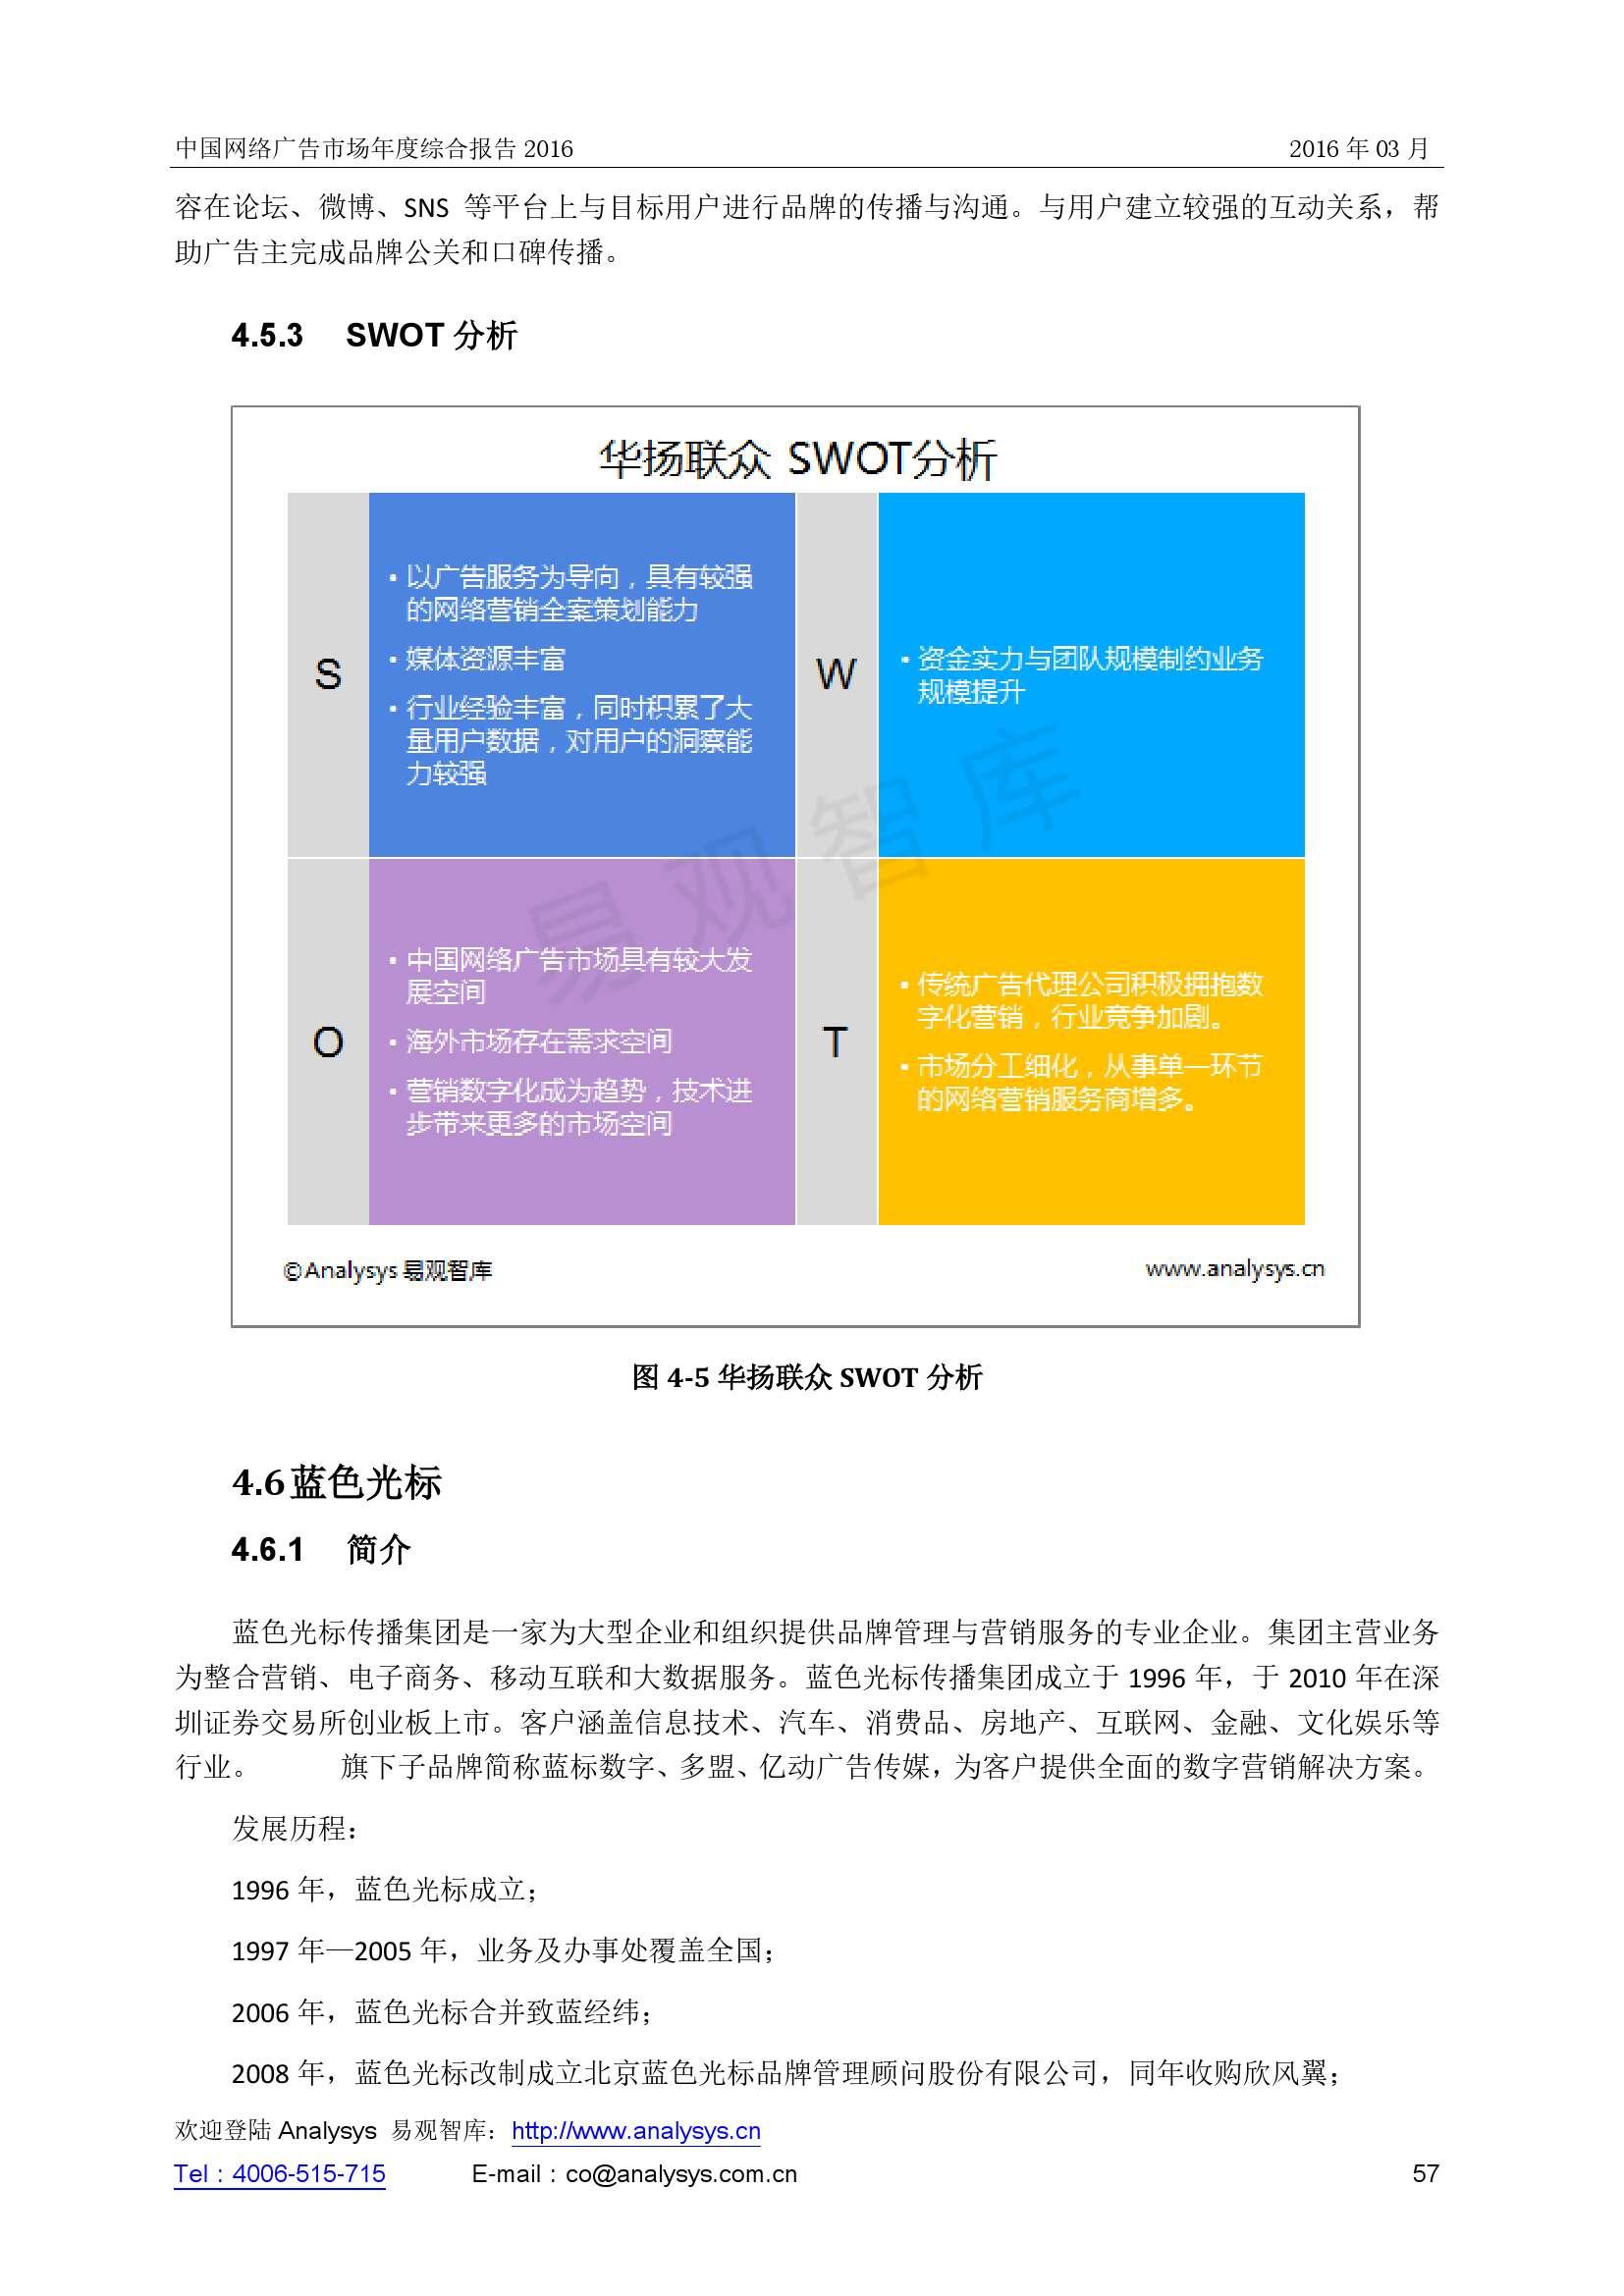 中国网络广告市场年度综合报告2016_000057